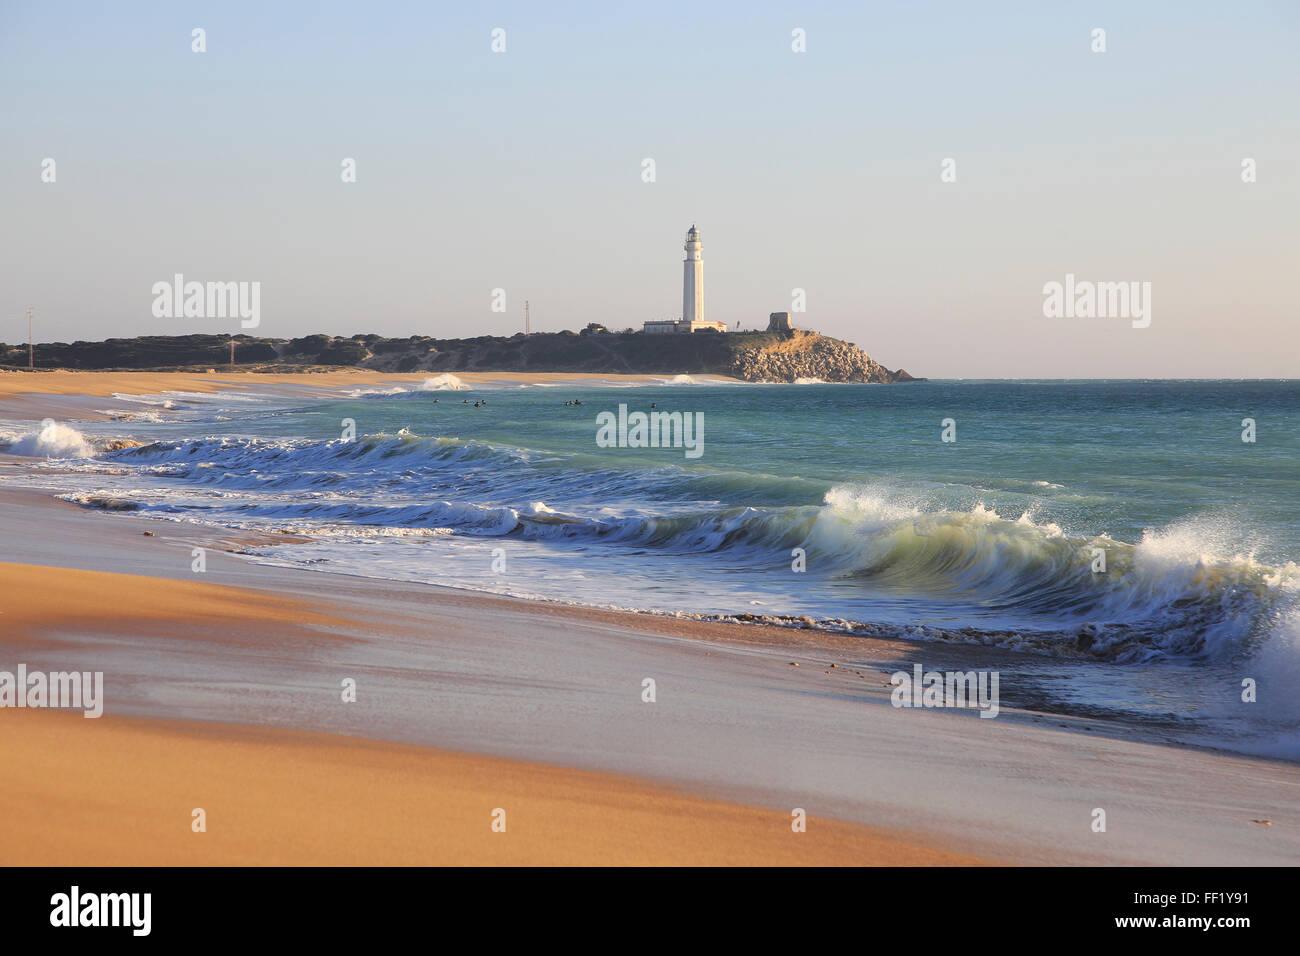 Spiaggia di sabbia e il faro di Cabo de Trafalgar, la provincia di Cadiz Cadice, Spagna Foto Stock